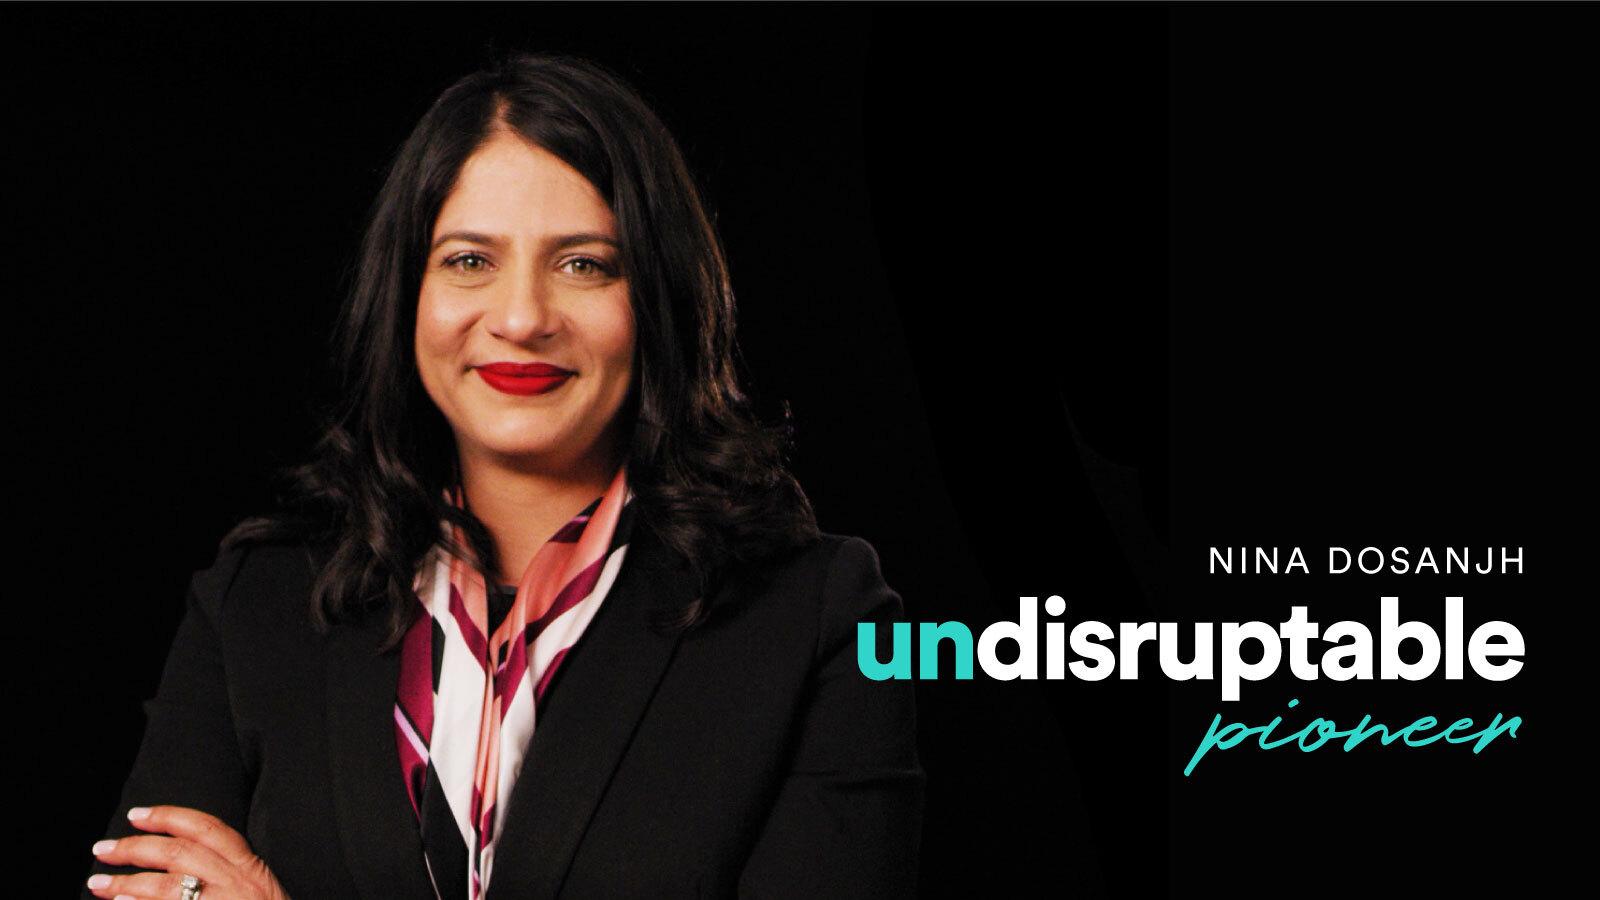 Meet Nina Dosanjh